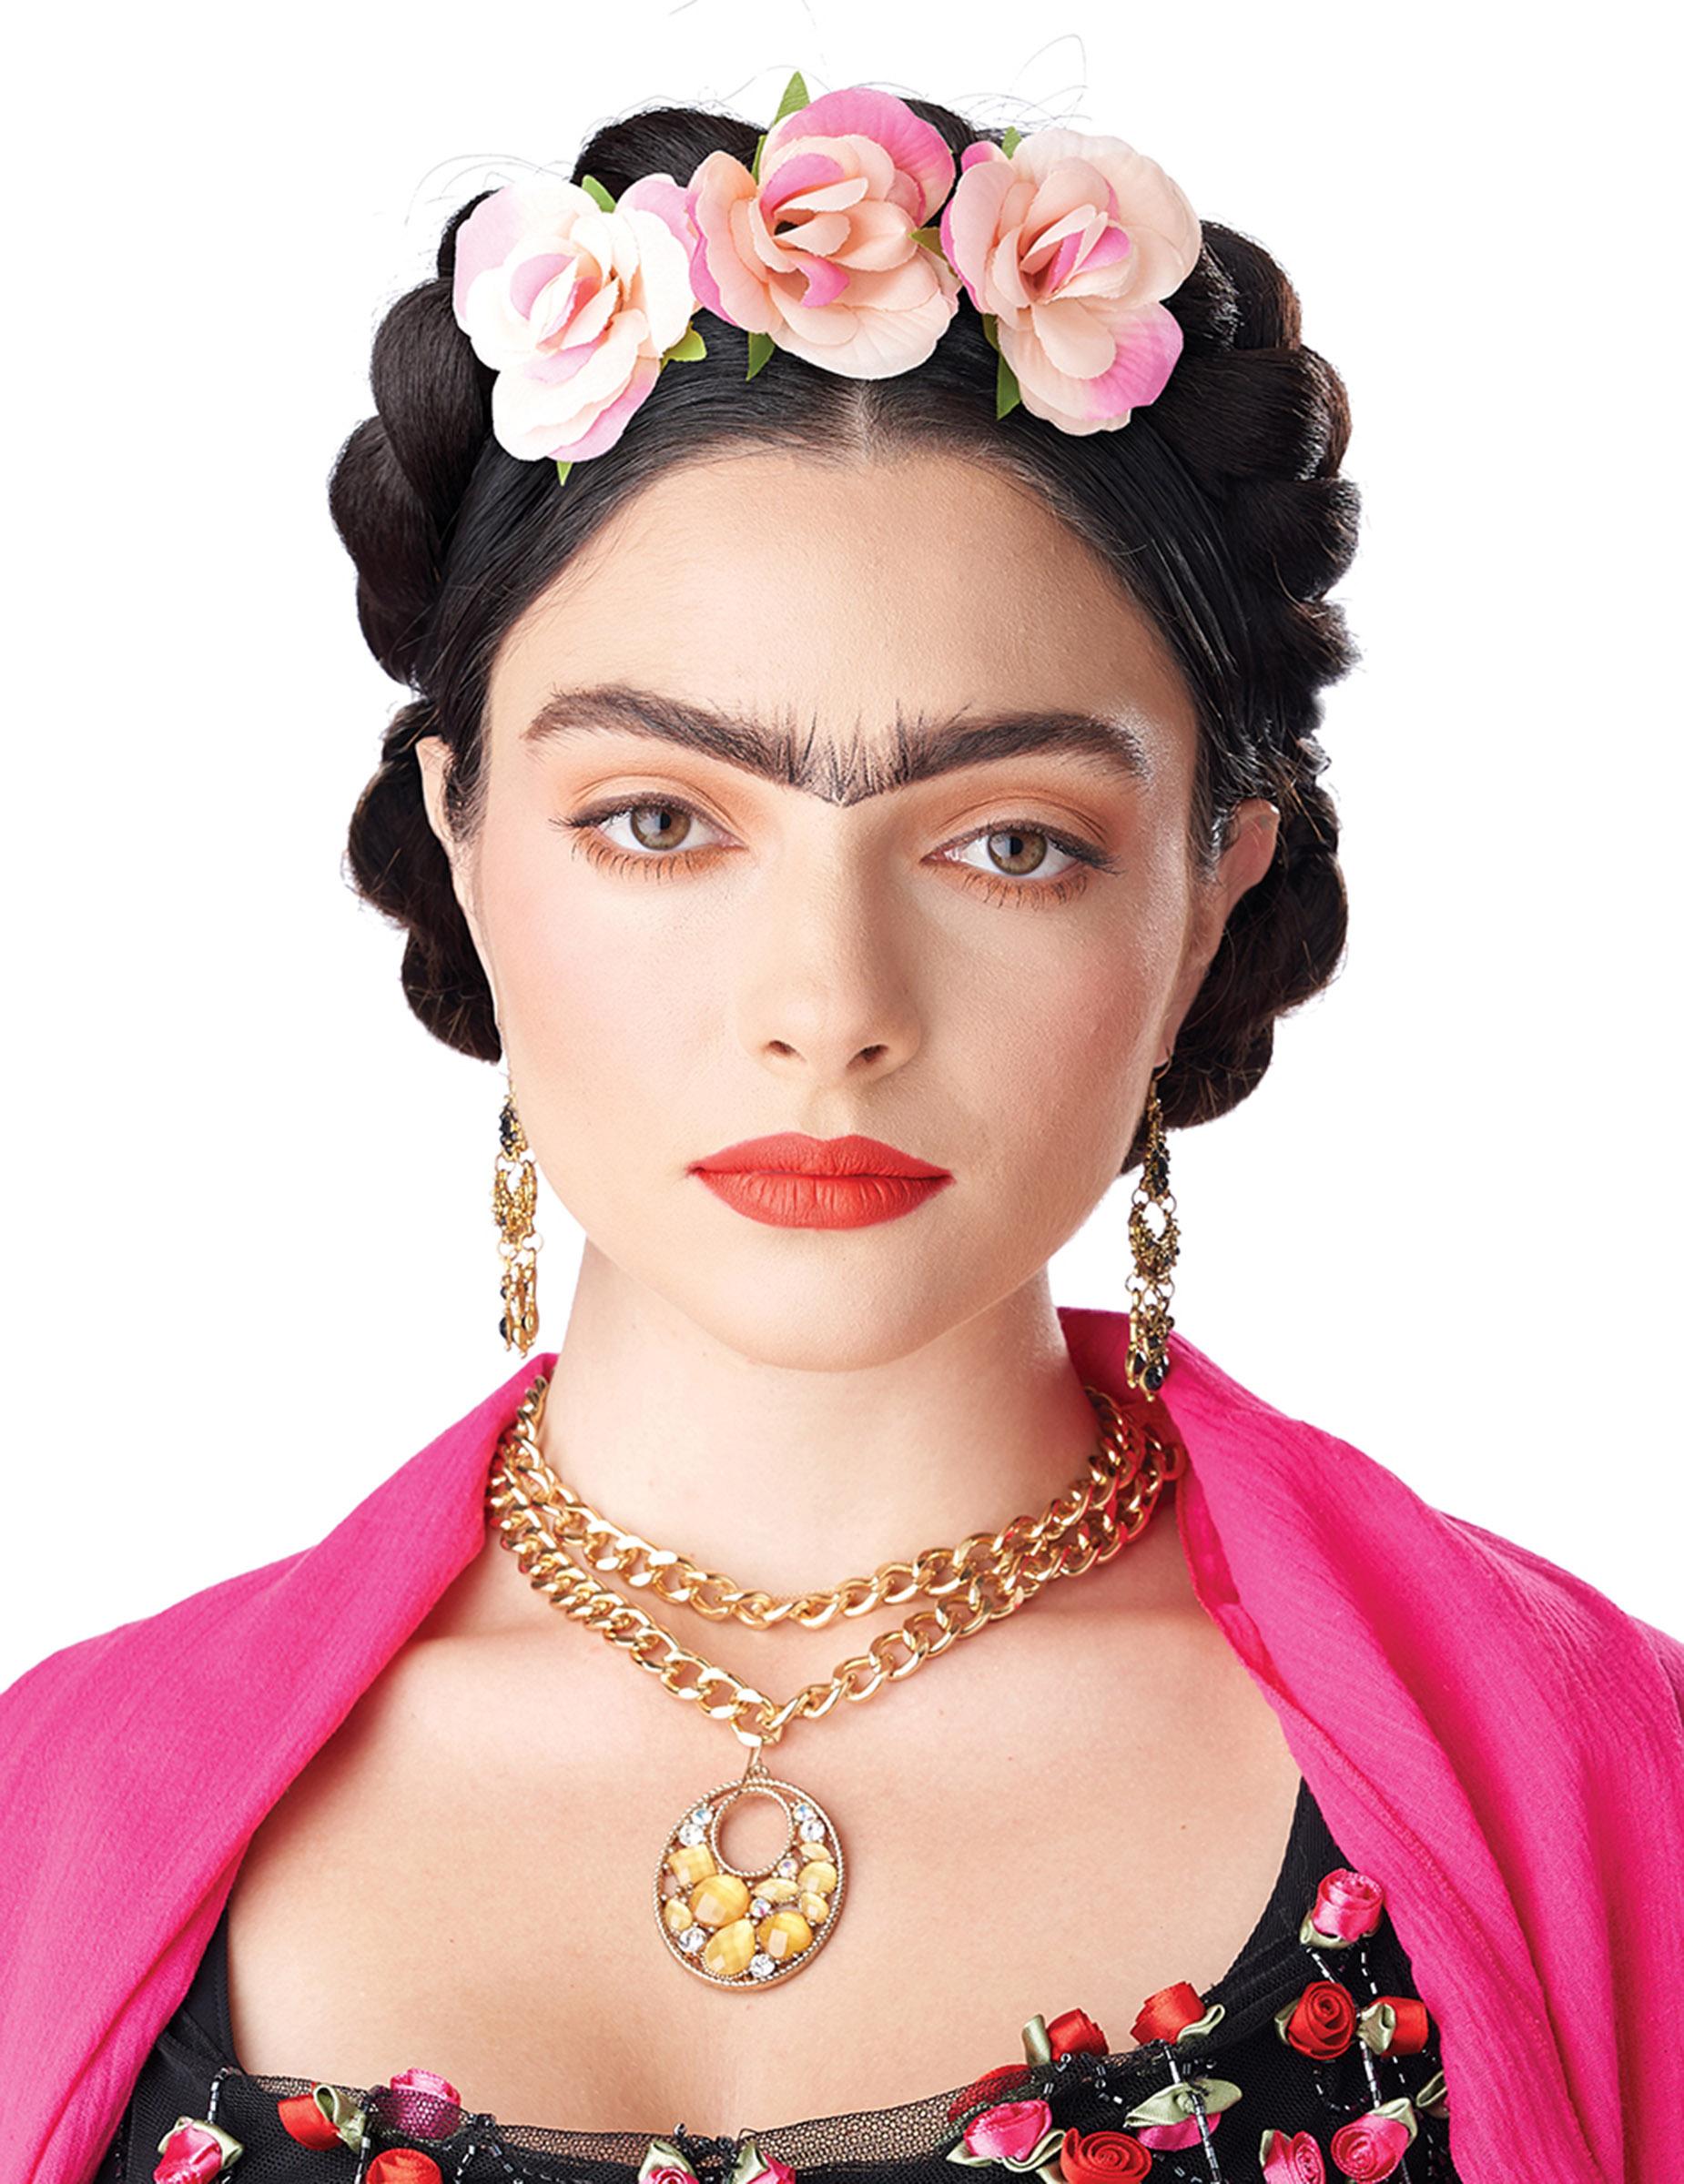 Hochsteckfrisur-Perücke mit Blumen dunkelbraun-rosa 307209